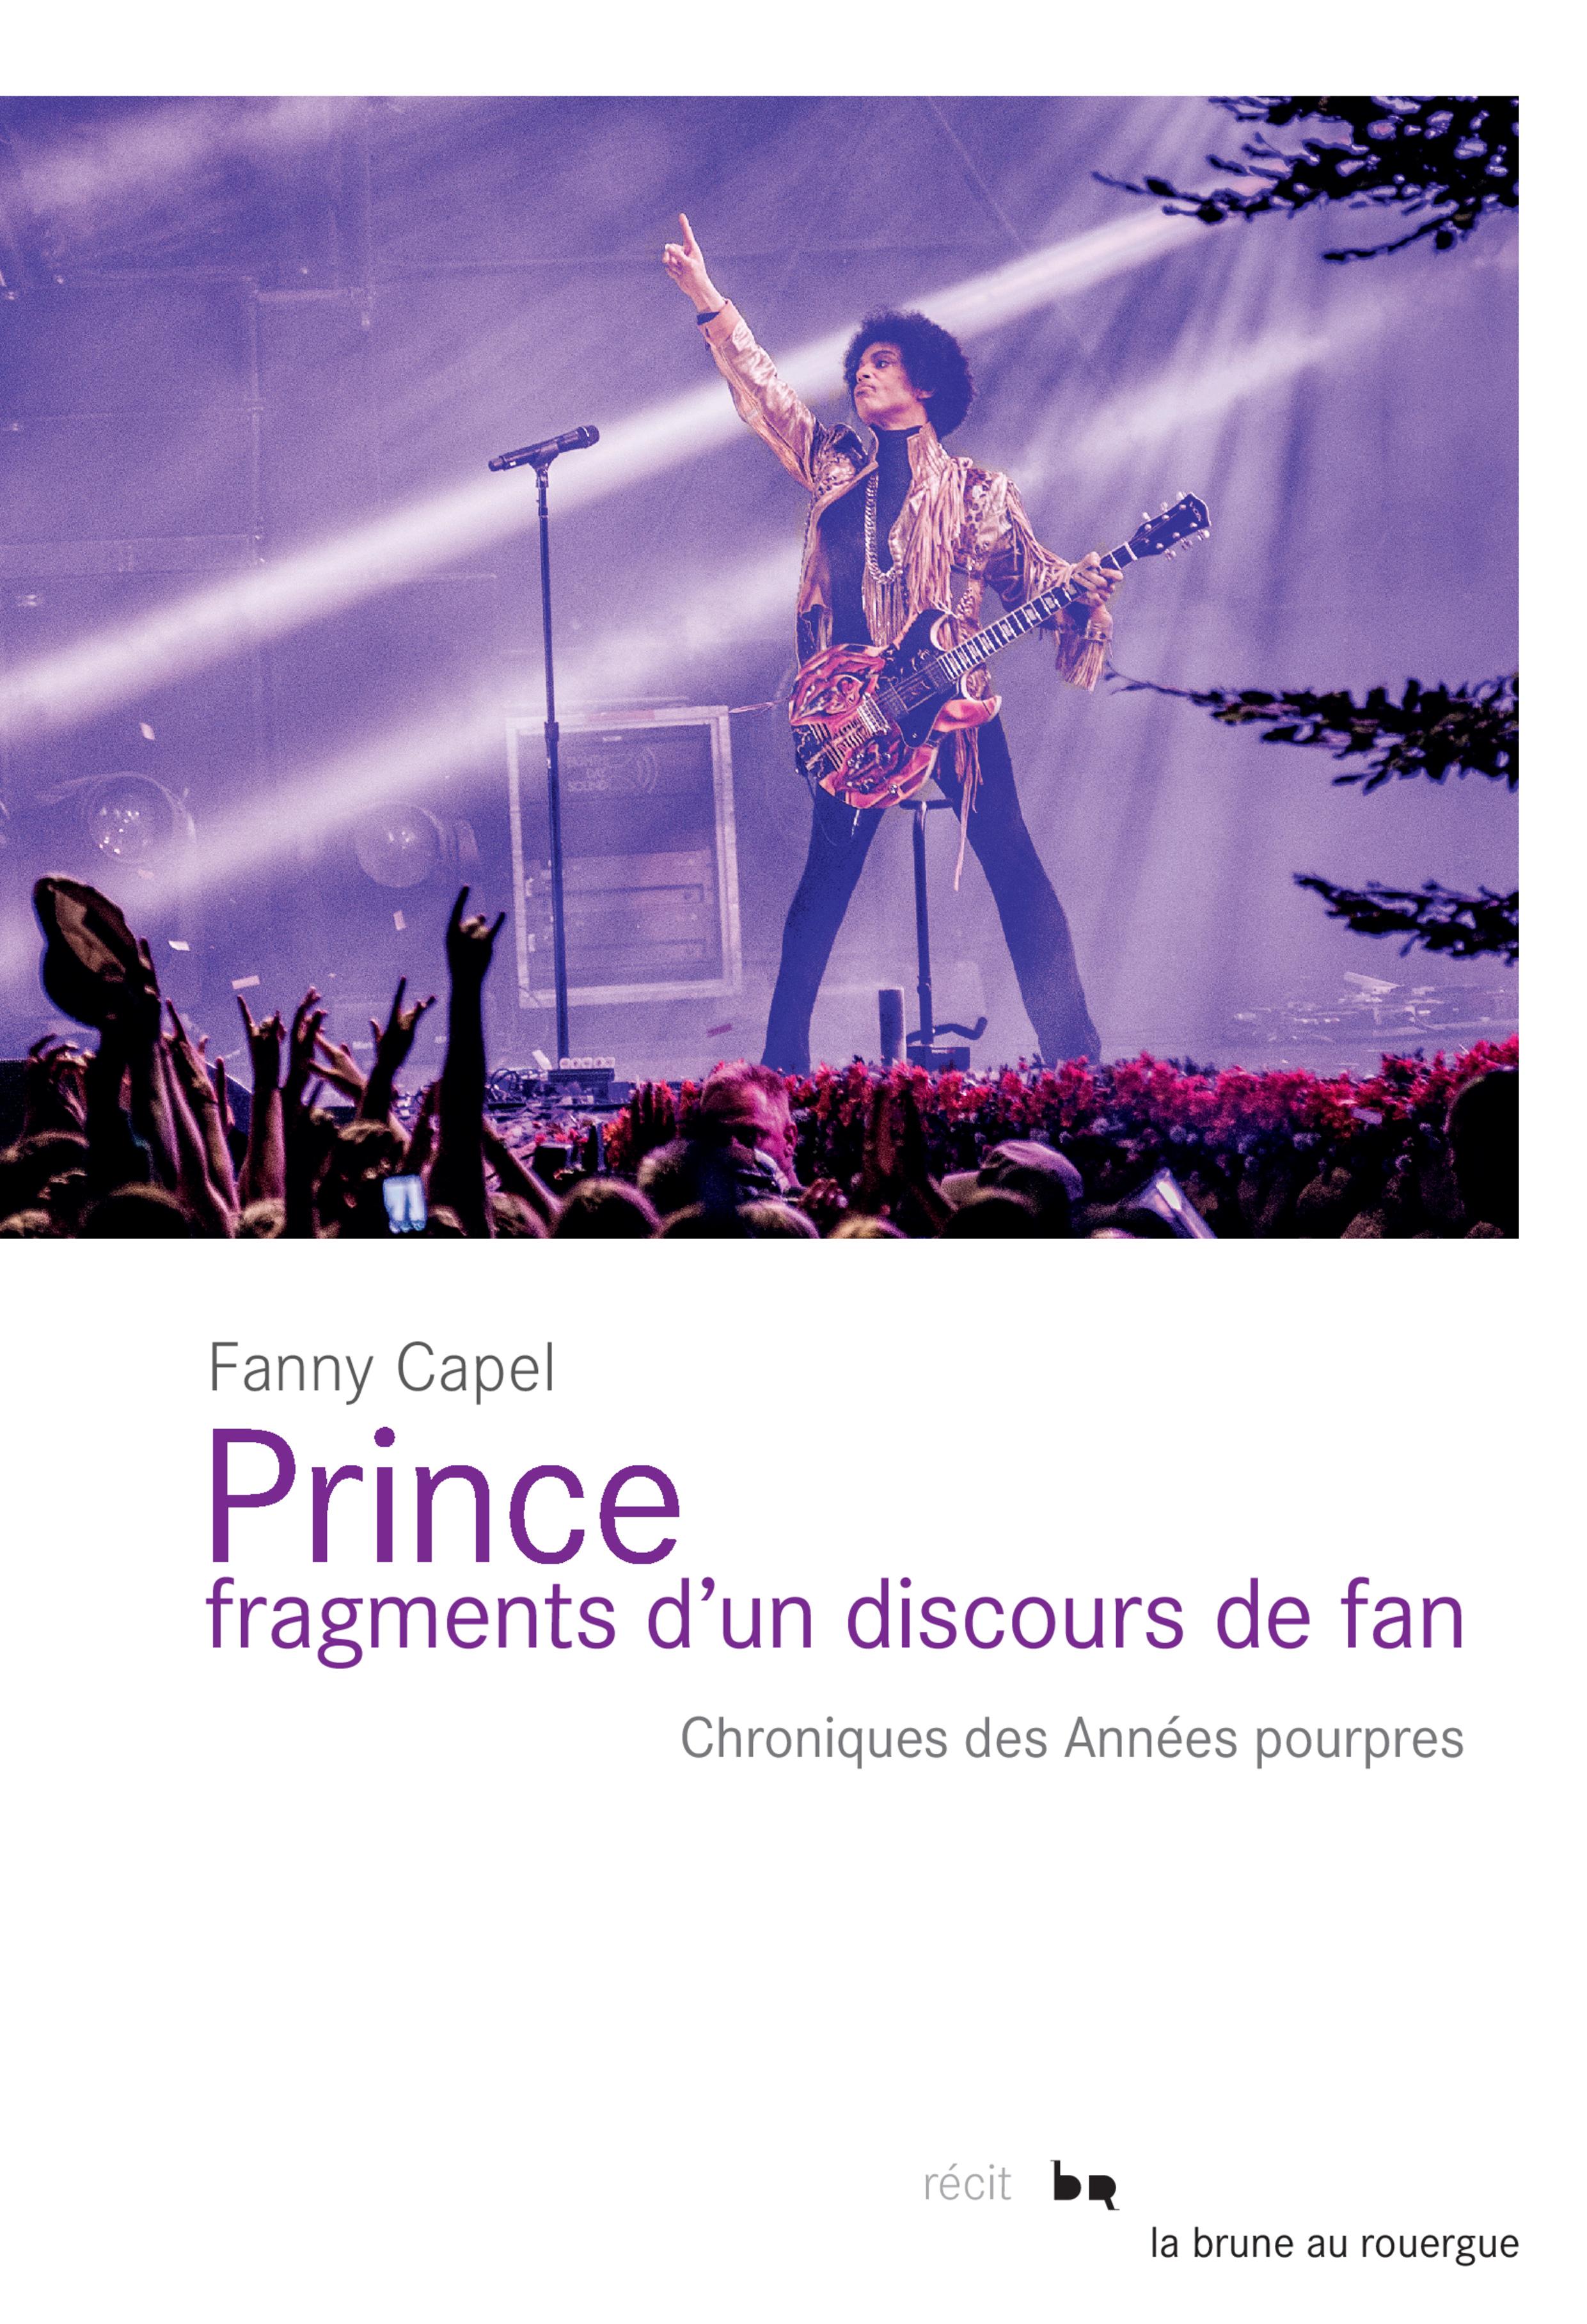 Prince, fragments d'un discours de fan